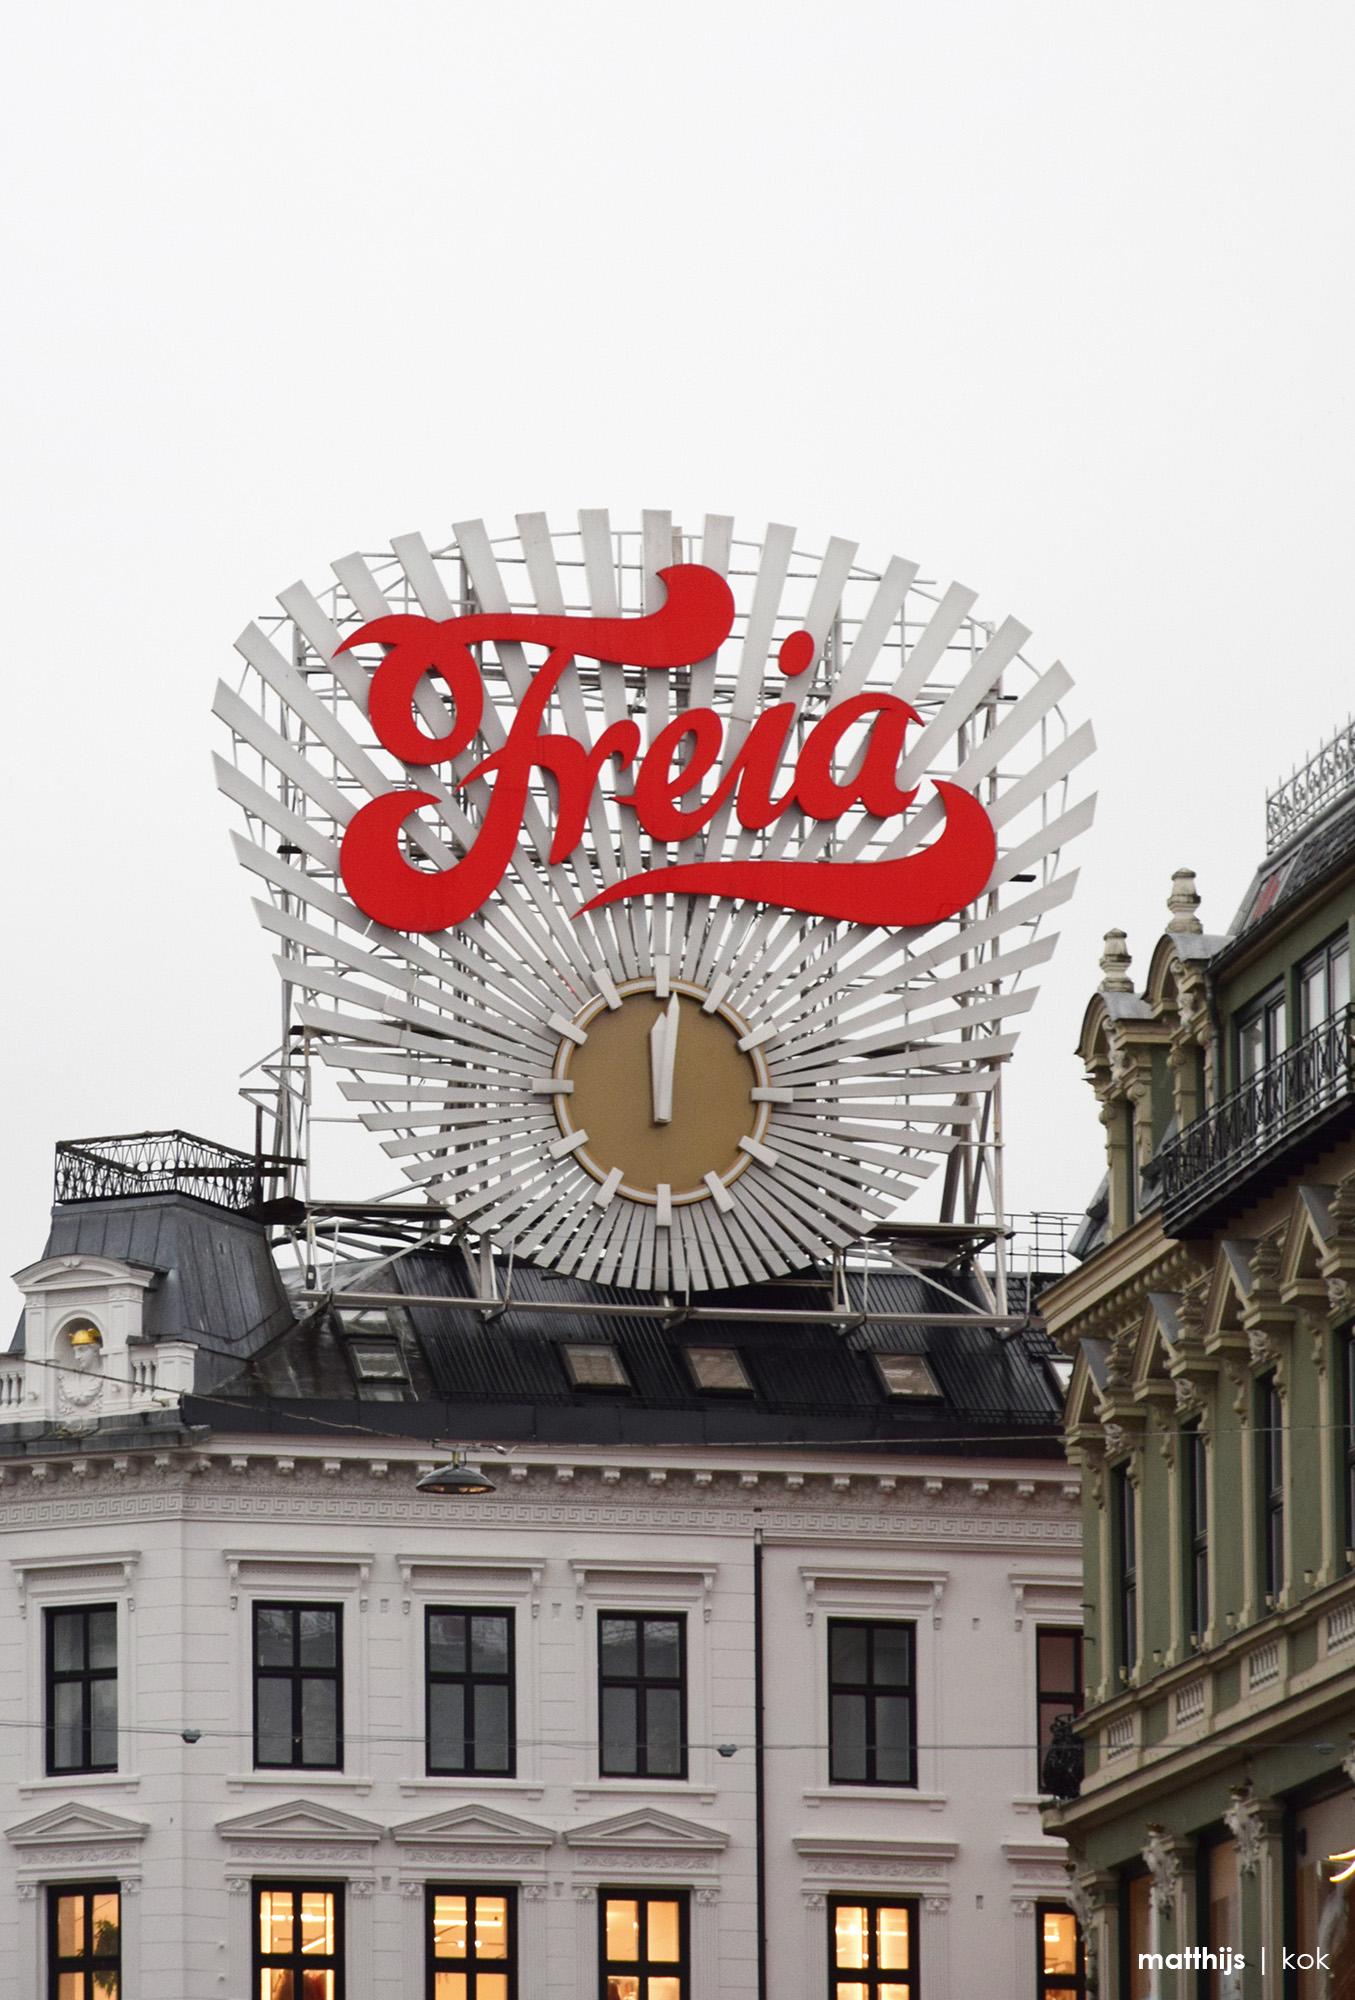 Freia, Oslo, Norway | Photo by Matthijs Kok